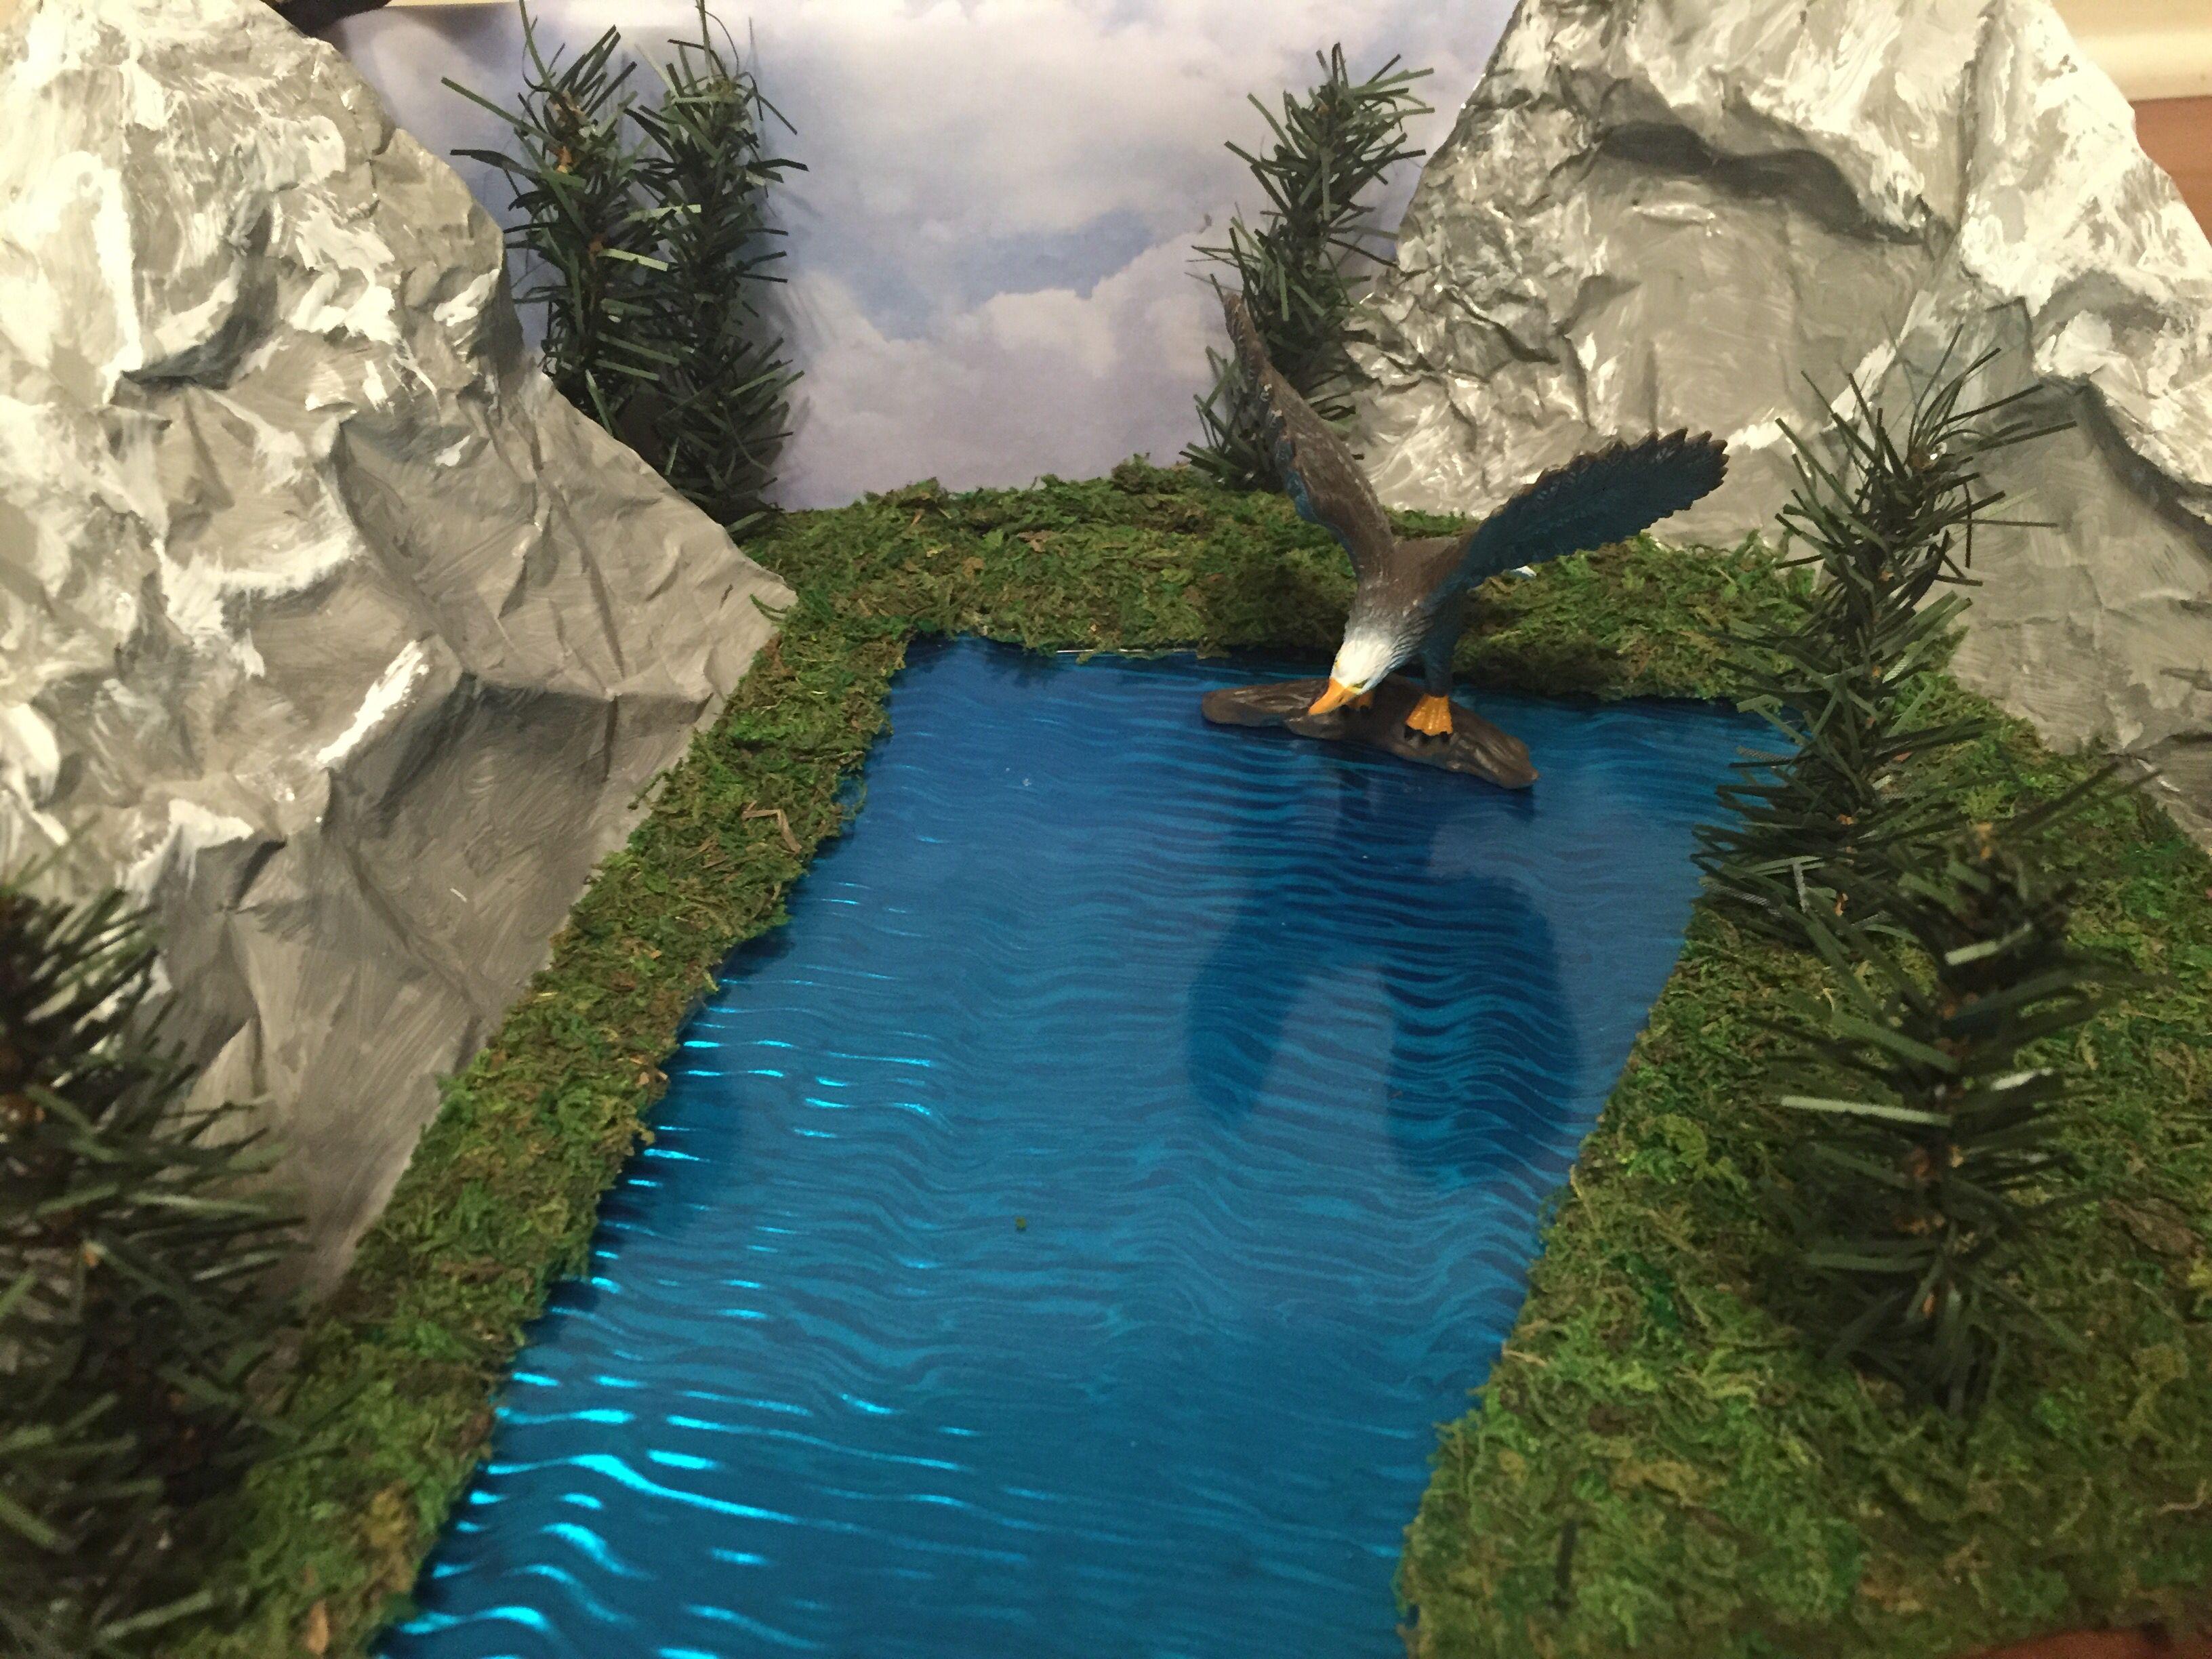 Bald Eagle Habitat Diorama